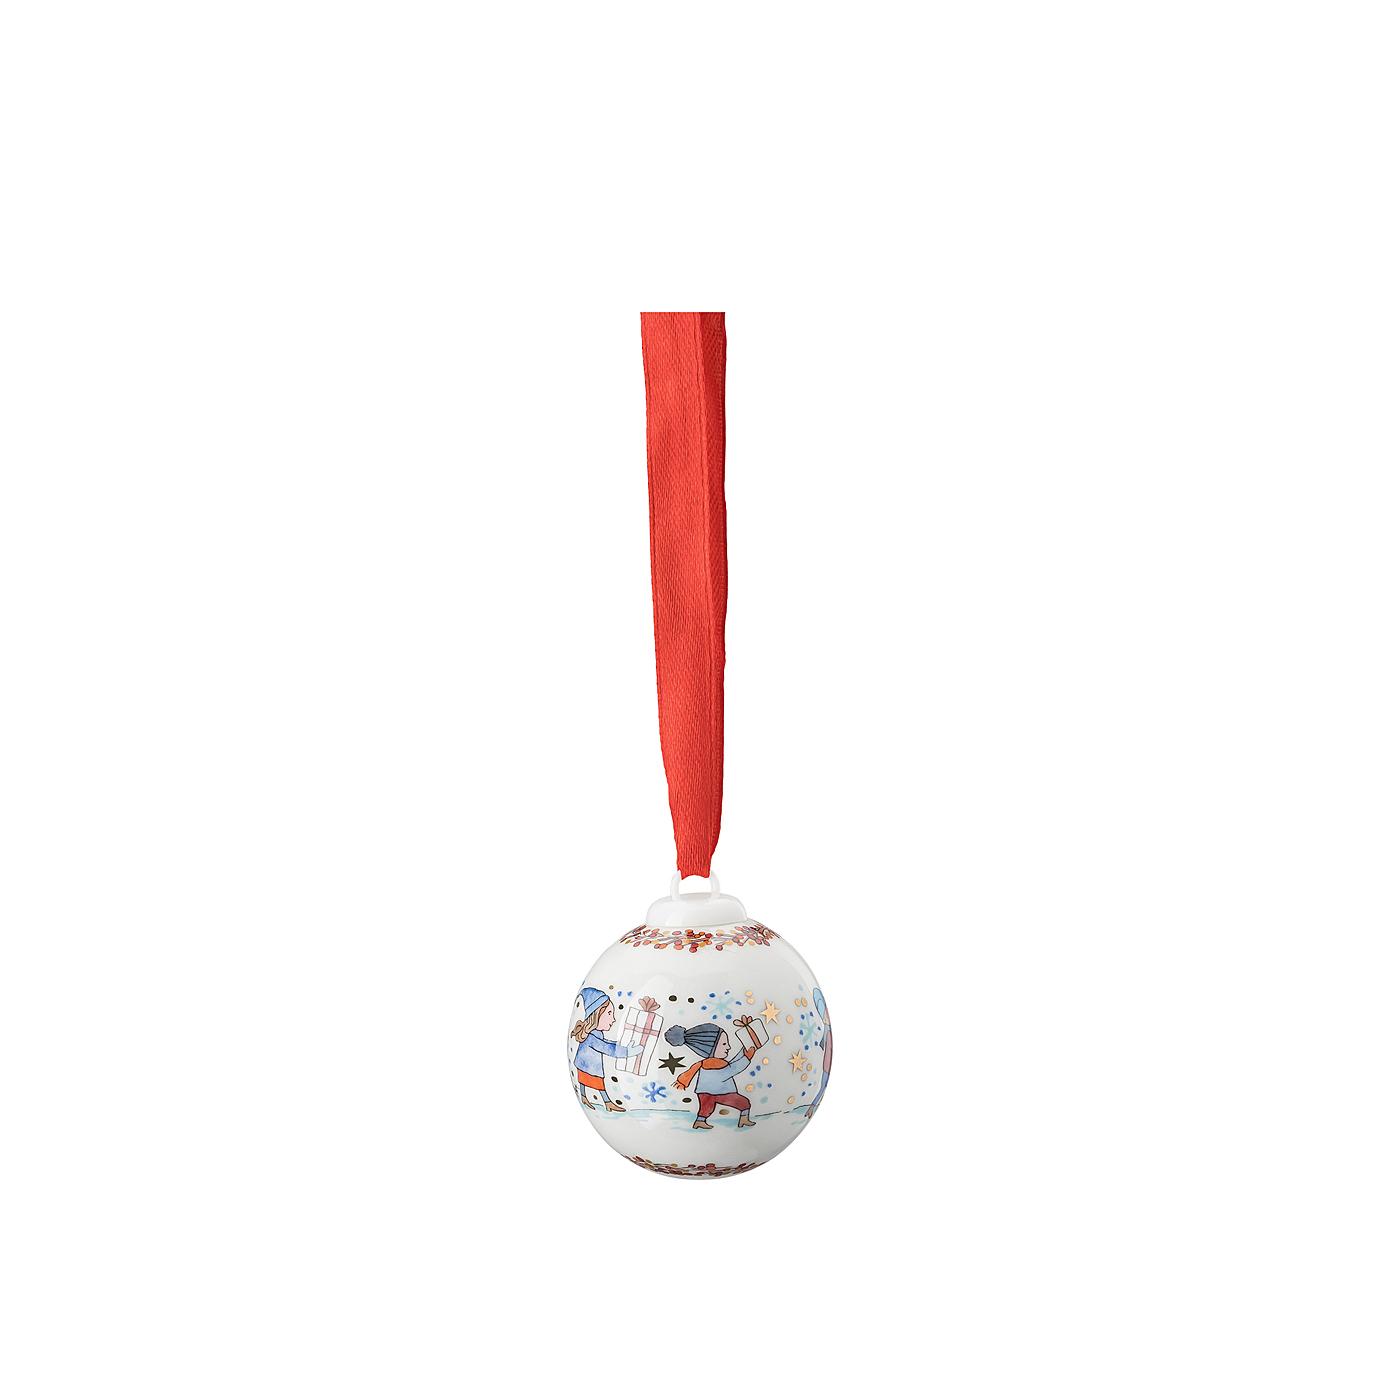 Porzellan-Minikugel Sammelkollektion 21 Kinder mit Hund Hutschenreuther